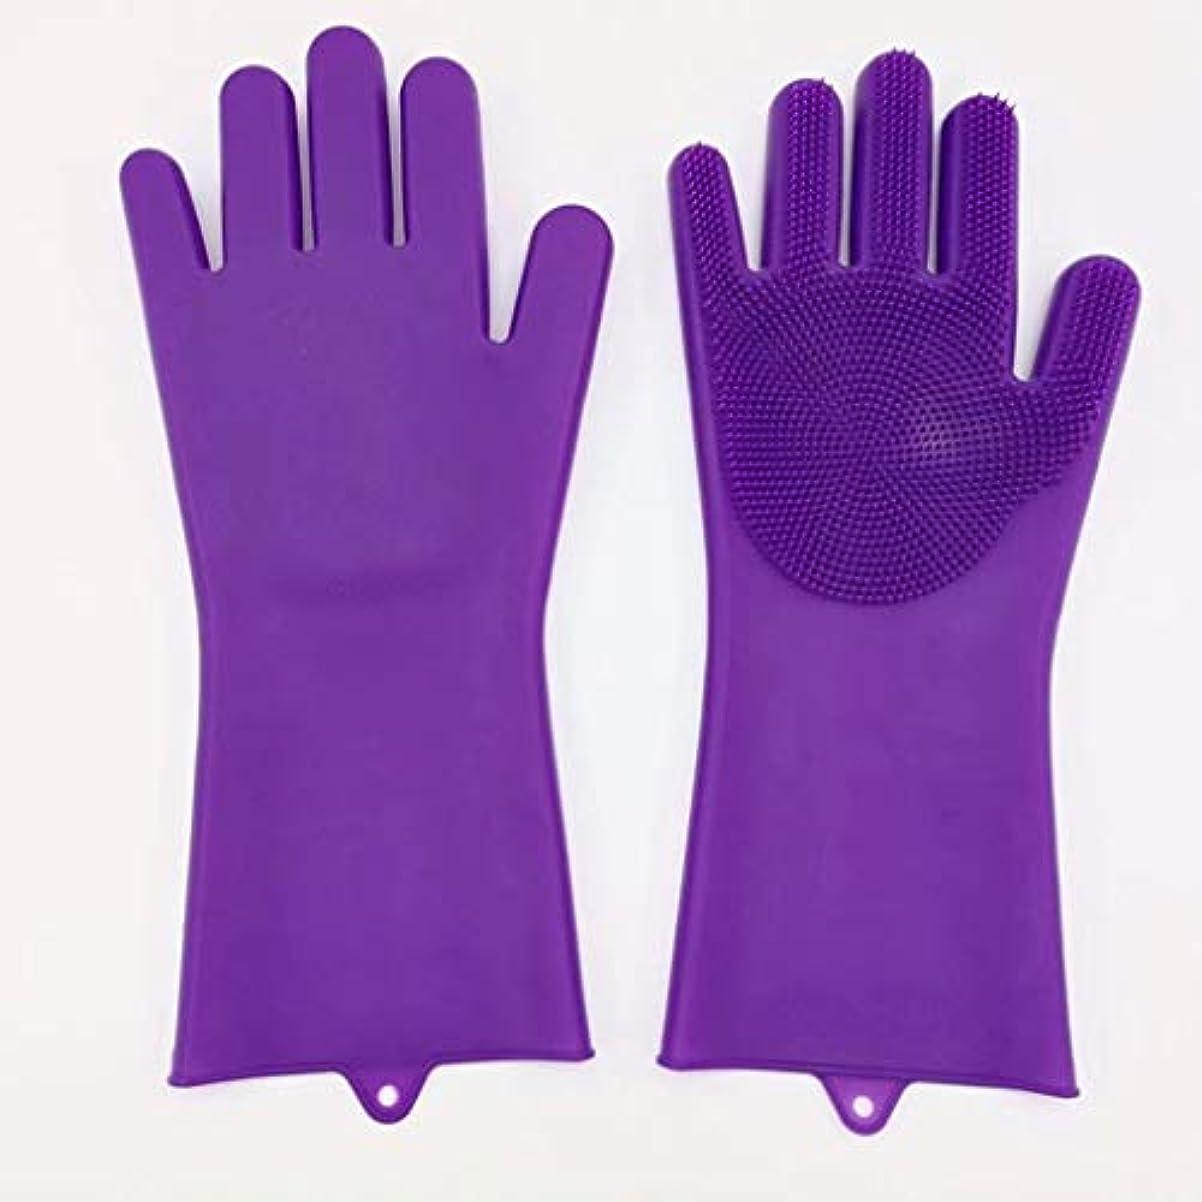 尋ねる花に水をやる高潔なLYYRB 食器洗い用シリコーン手袋、台所掃除用マジックグローブ、滑り止め防水高温手袋3色オプション 手袋 (Color : Purple)